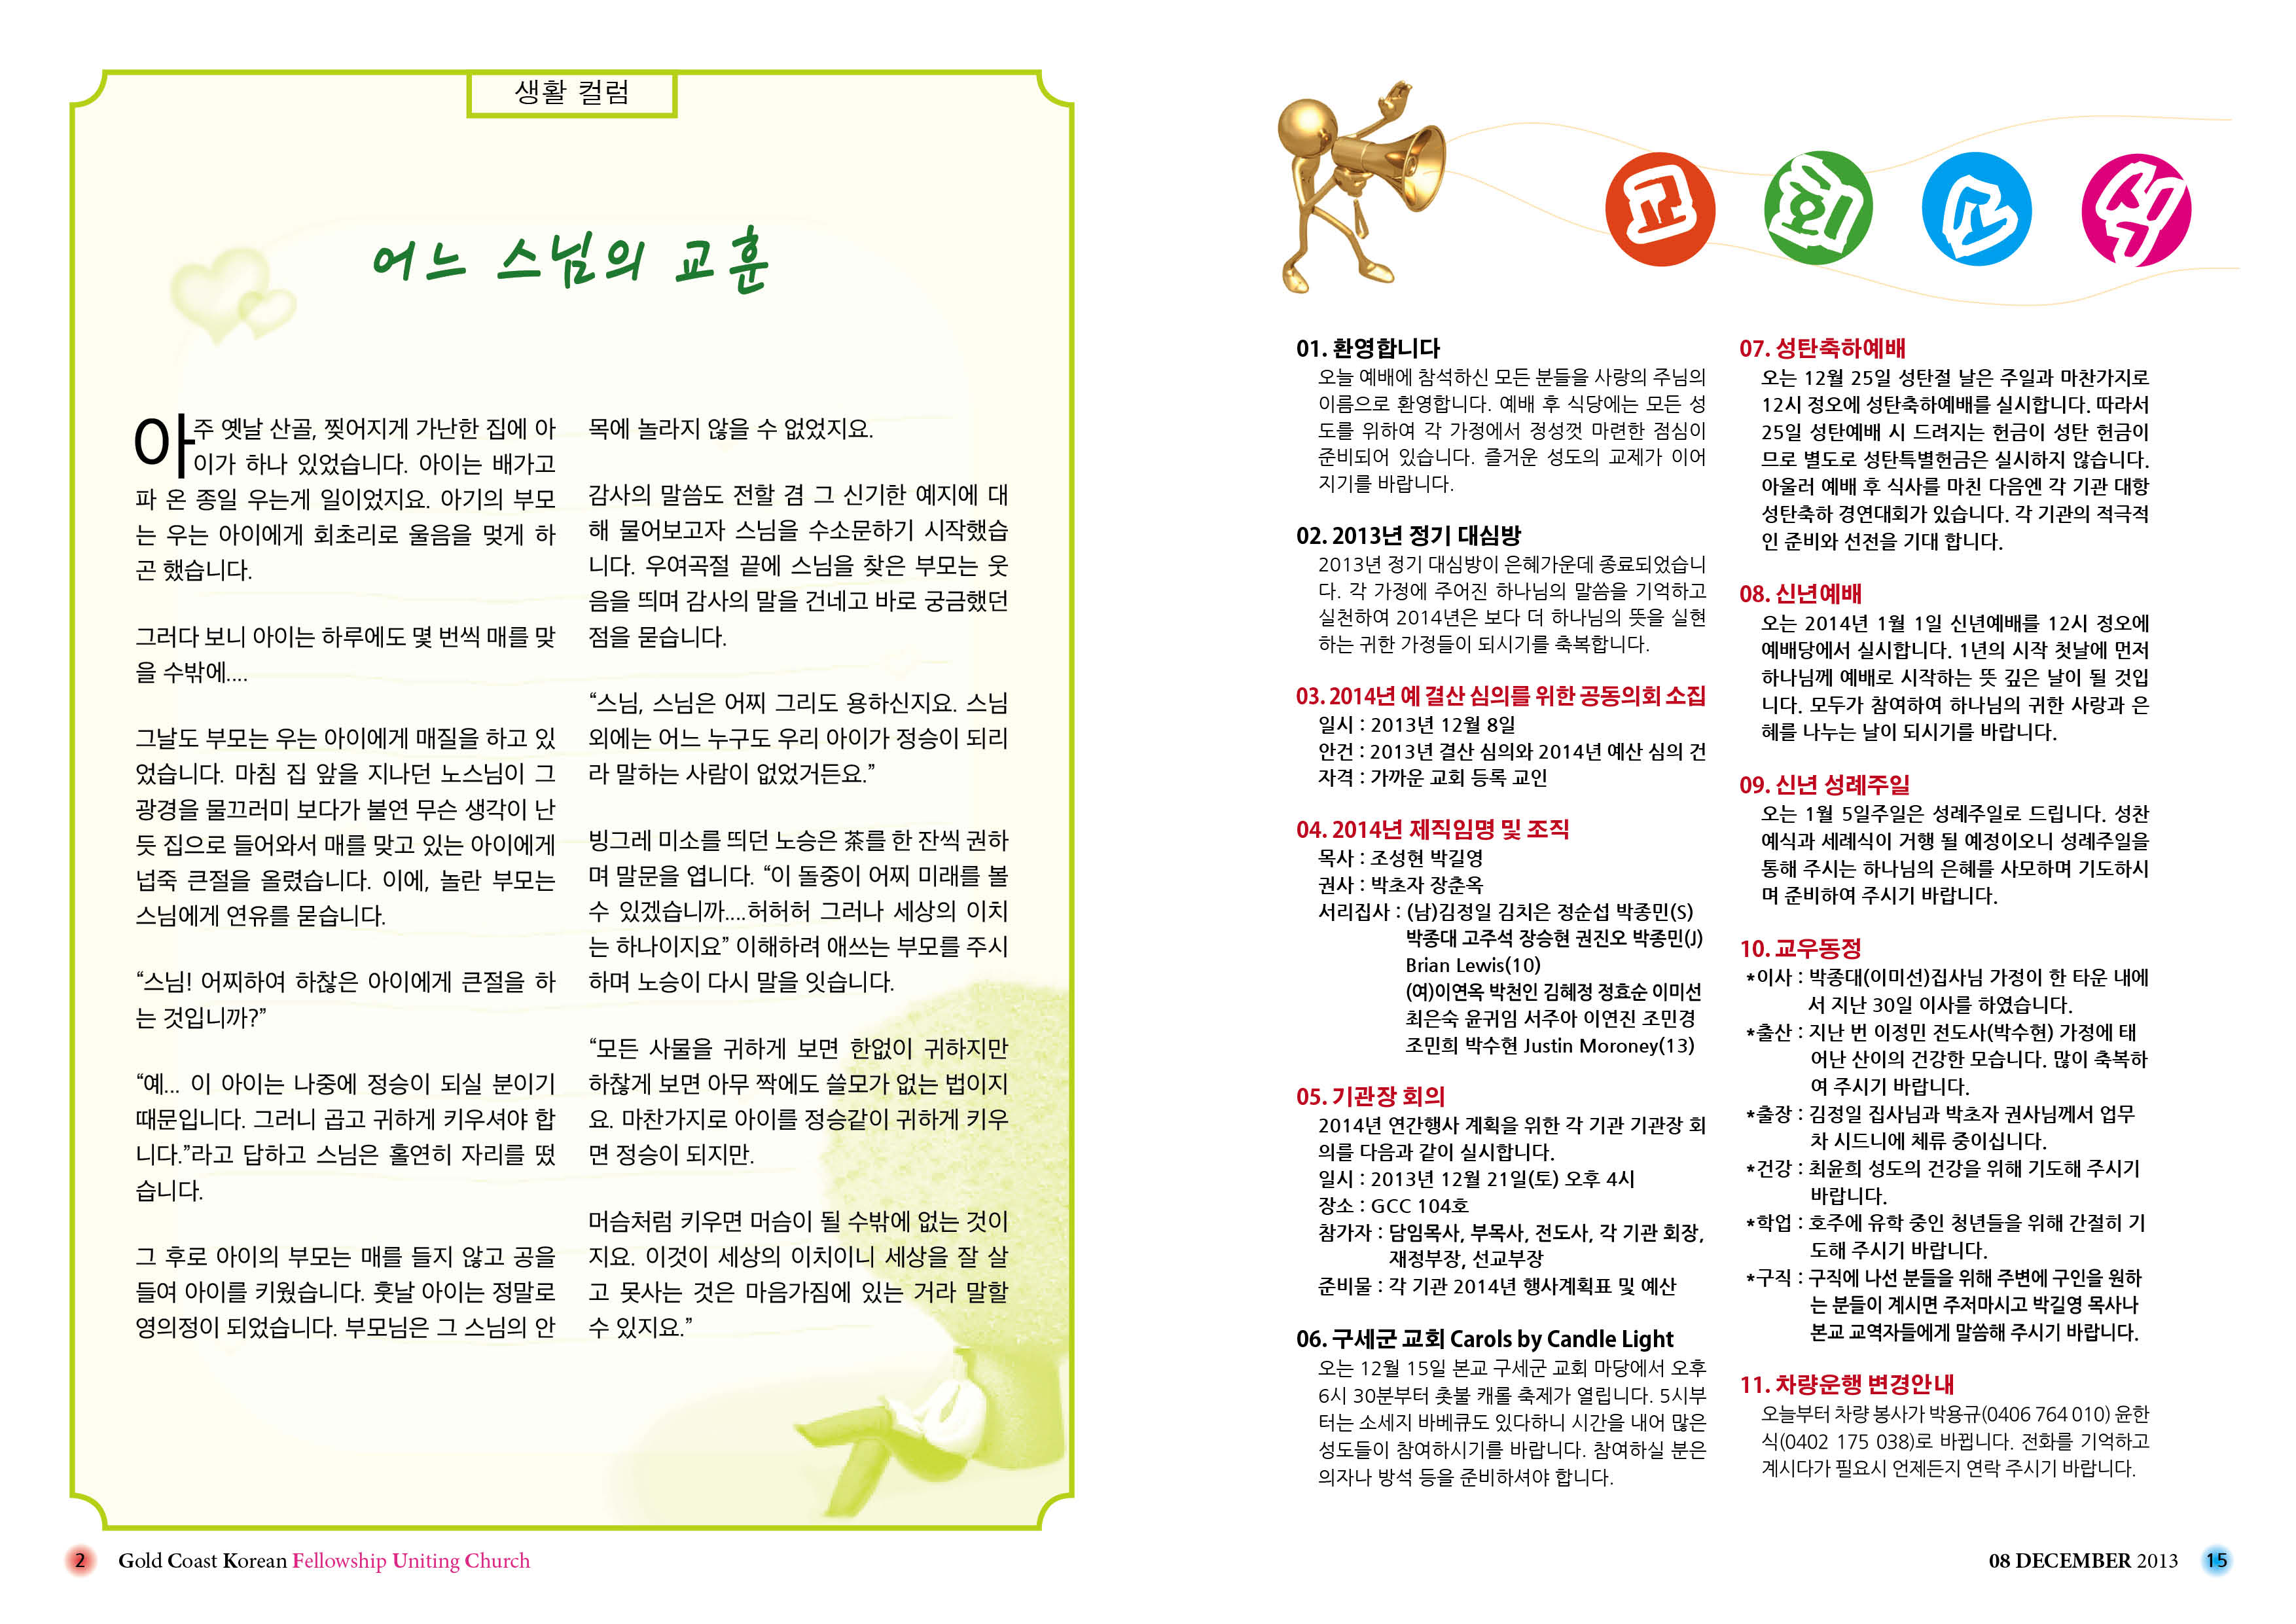 2013.12.08 주보(1차 수정)2.jpg